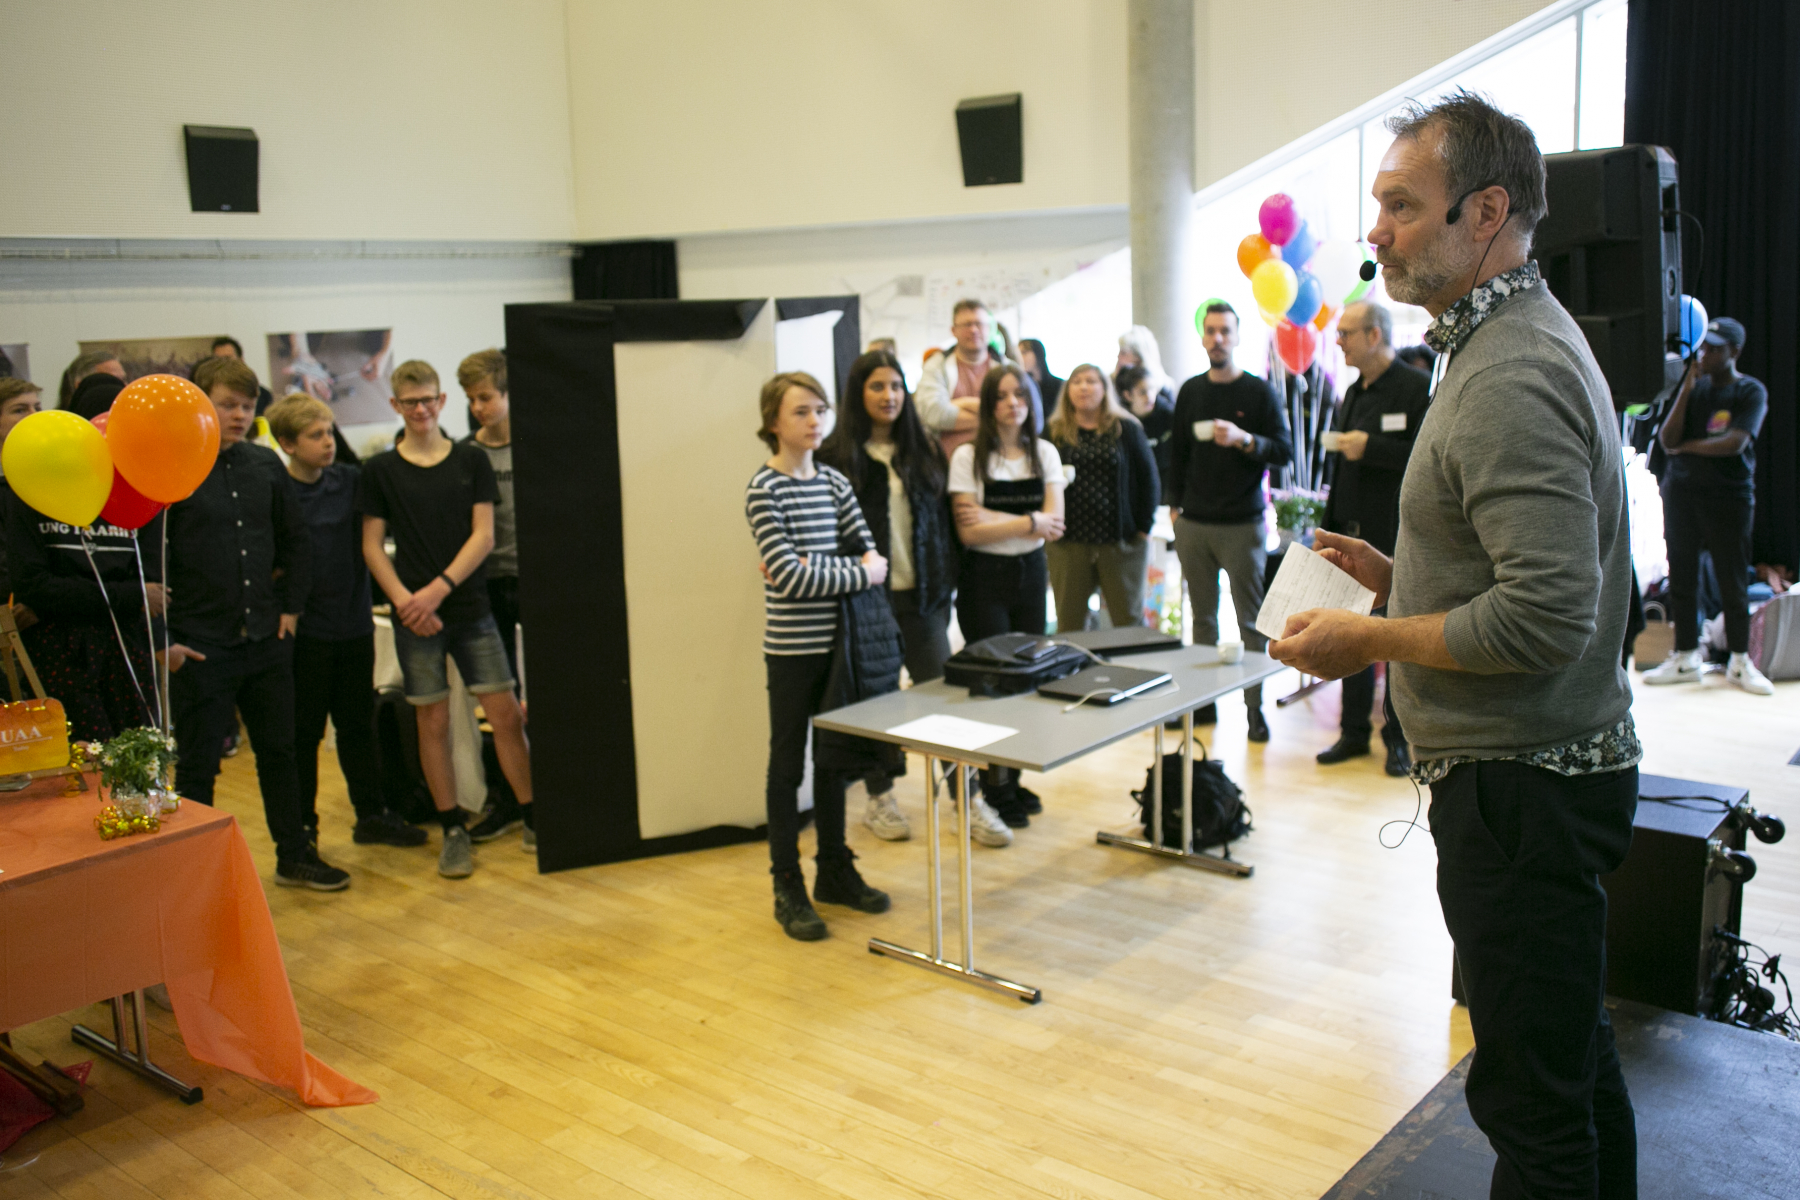 Anders Rasmussen, Chef for Grundskole & Ungdomsuddannelser ved Fonden for Entreprenørskab byder velkommen.Den 11. april 2019 afholdes den første konkurrence i projektet Iværksætterunge. Iværksætterunge har til formål at give elever i 7.-9. klasse iværksætterkompetencer og -erfaringer og at give dem et sted, hvor de kan omsætte teori til praksis. På den måde er eleverne med til at skabe en iværksætterkultur i udsatte boligområder i Aarhus.